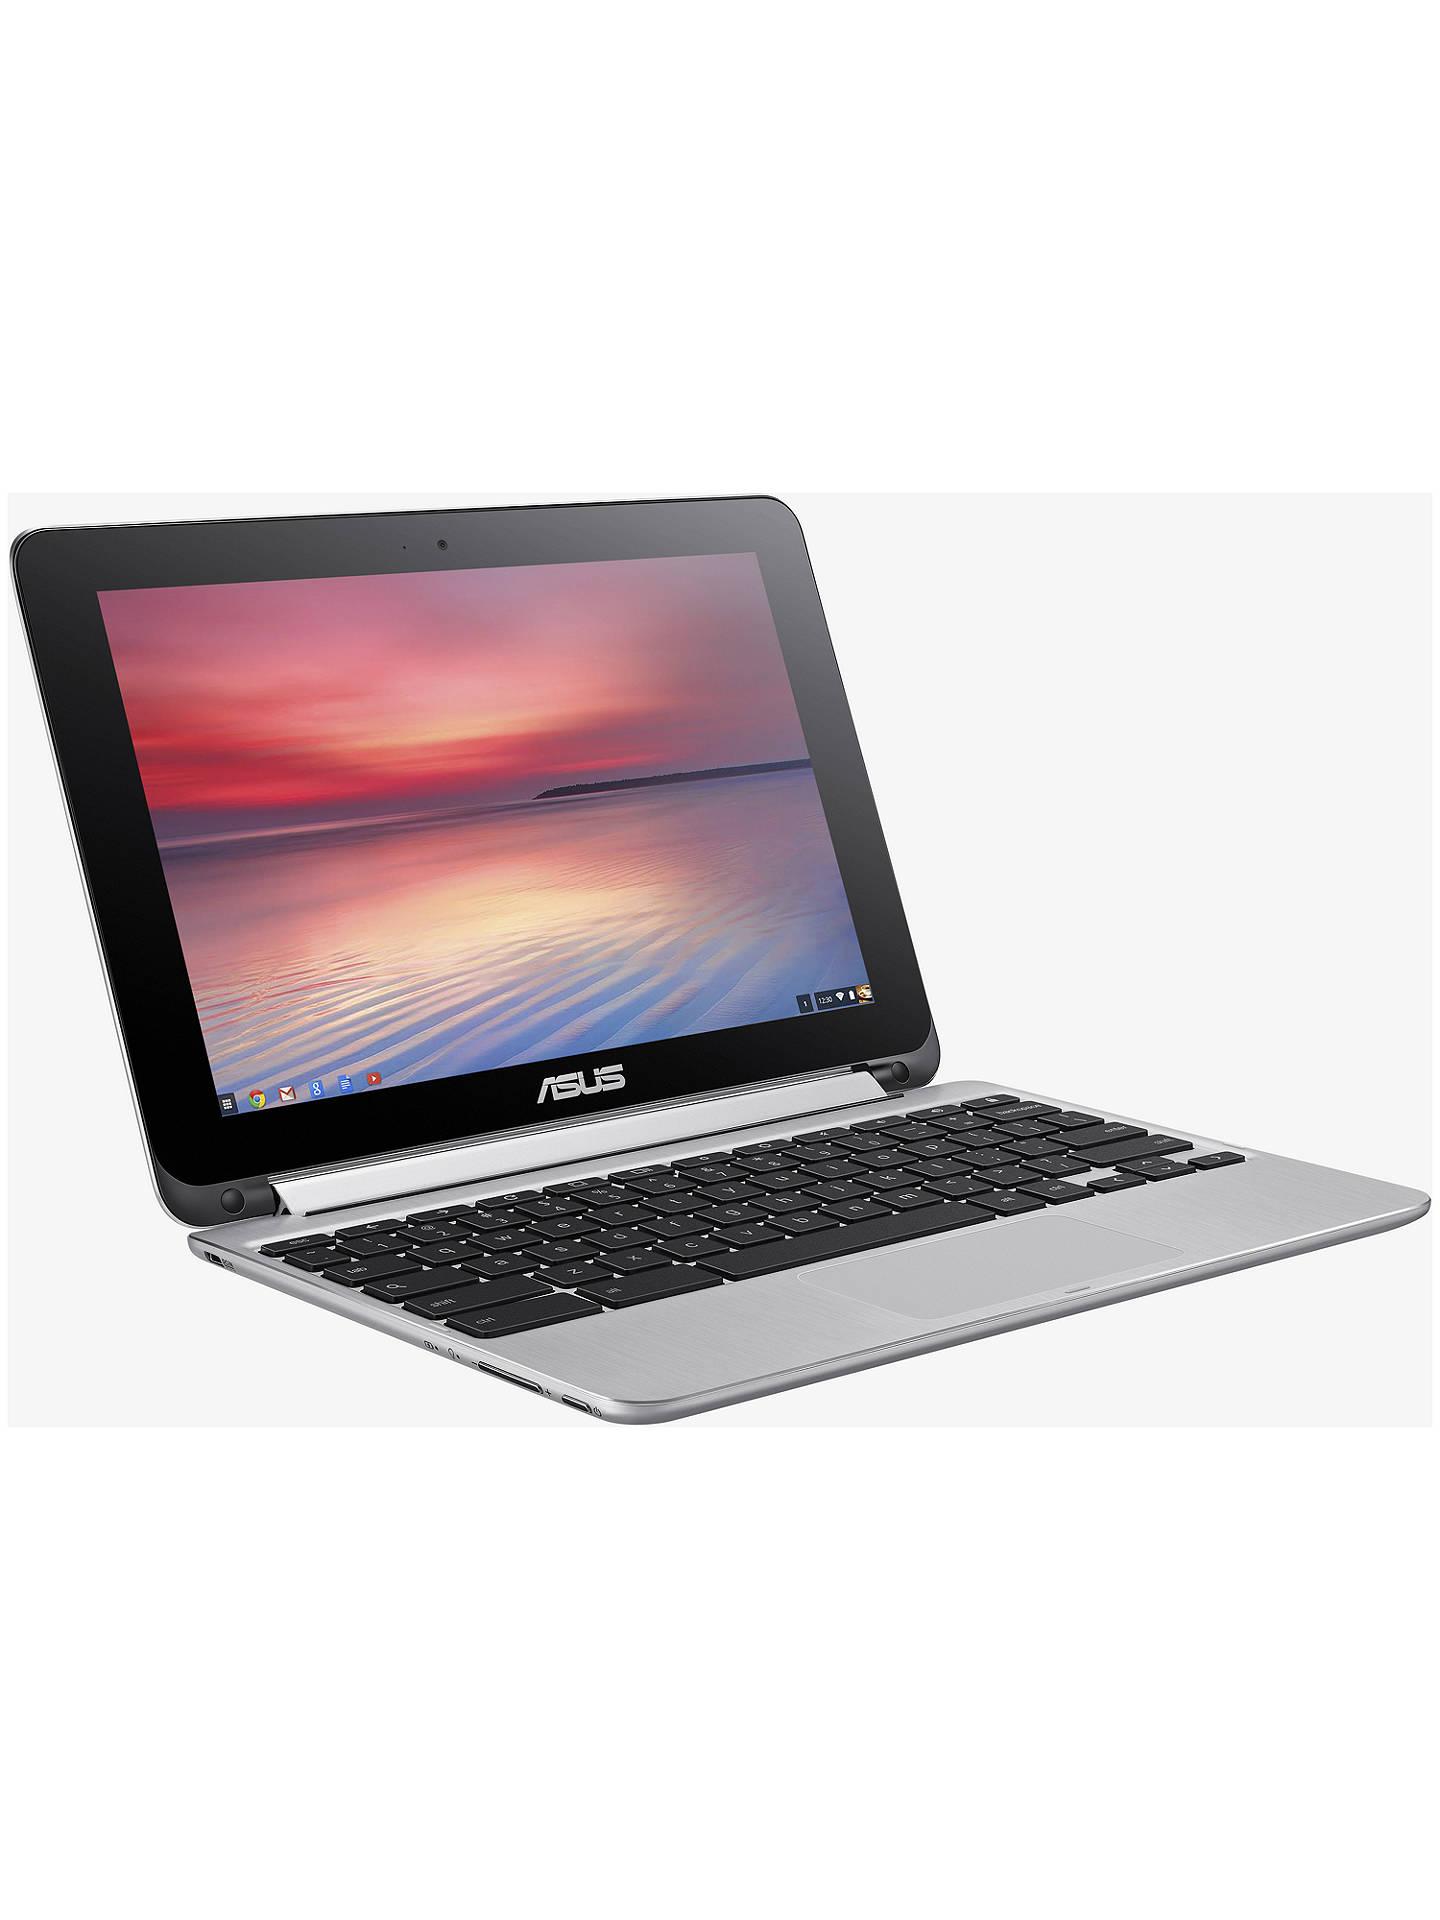 ASUS Chromebook Flip C100PA, ARM Cortex-A17, 4GB RAM, 16GB eMMC Flash, 10 1